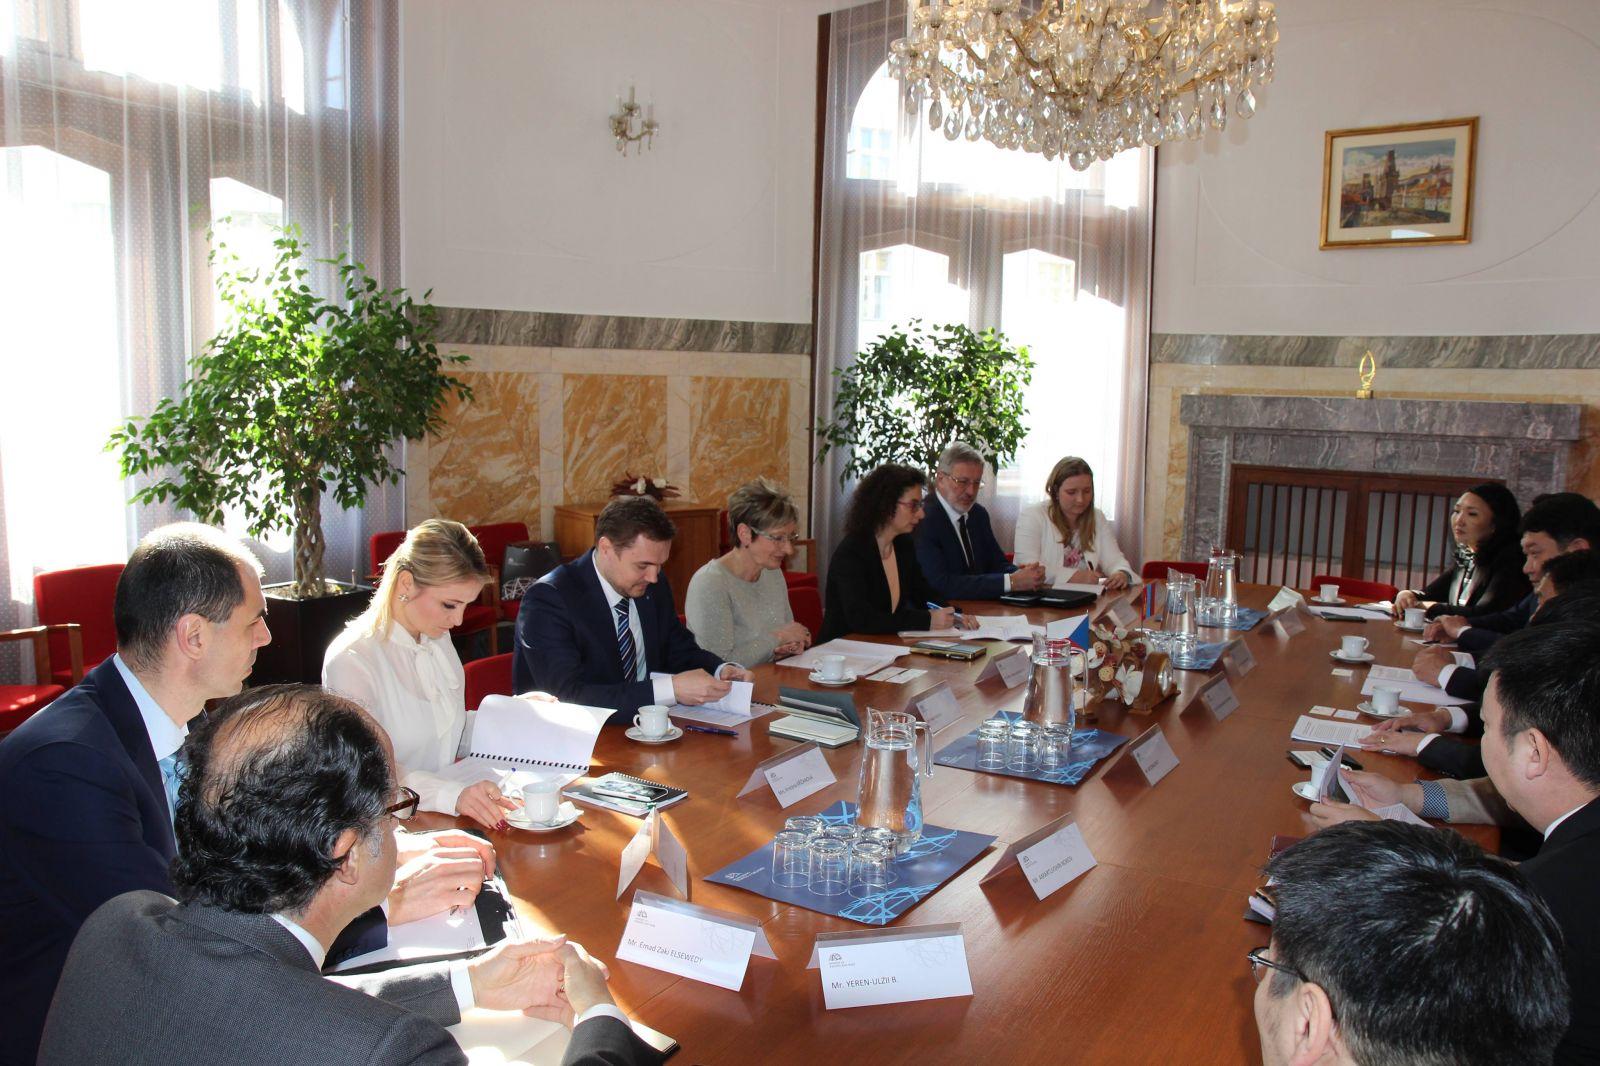 Монгол Улс Чех Улстай эрчим хүчний салбарт хамтын ажиллагааг үргэлжлүүлнэ